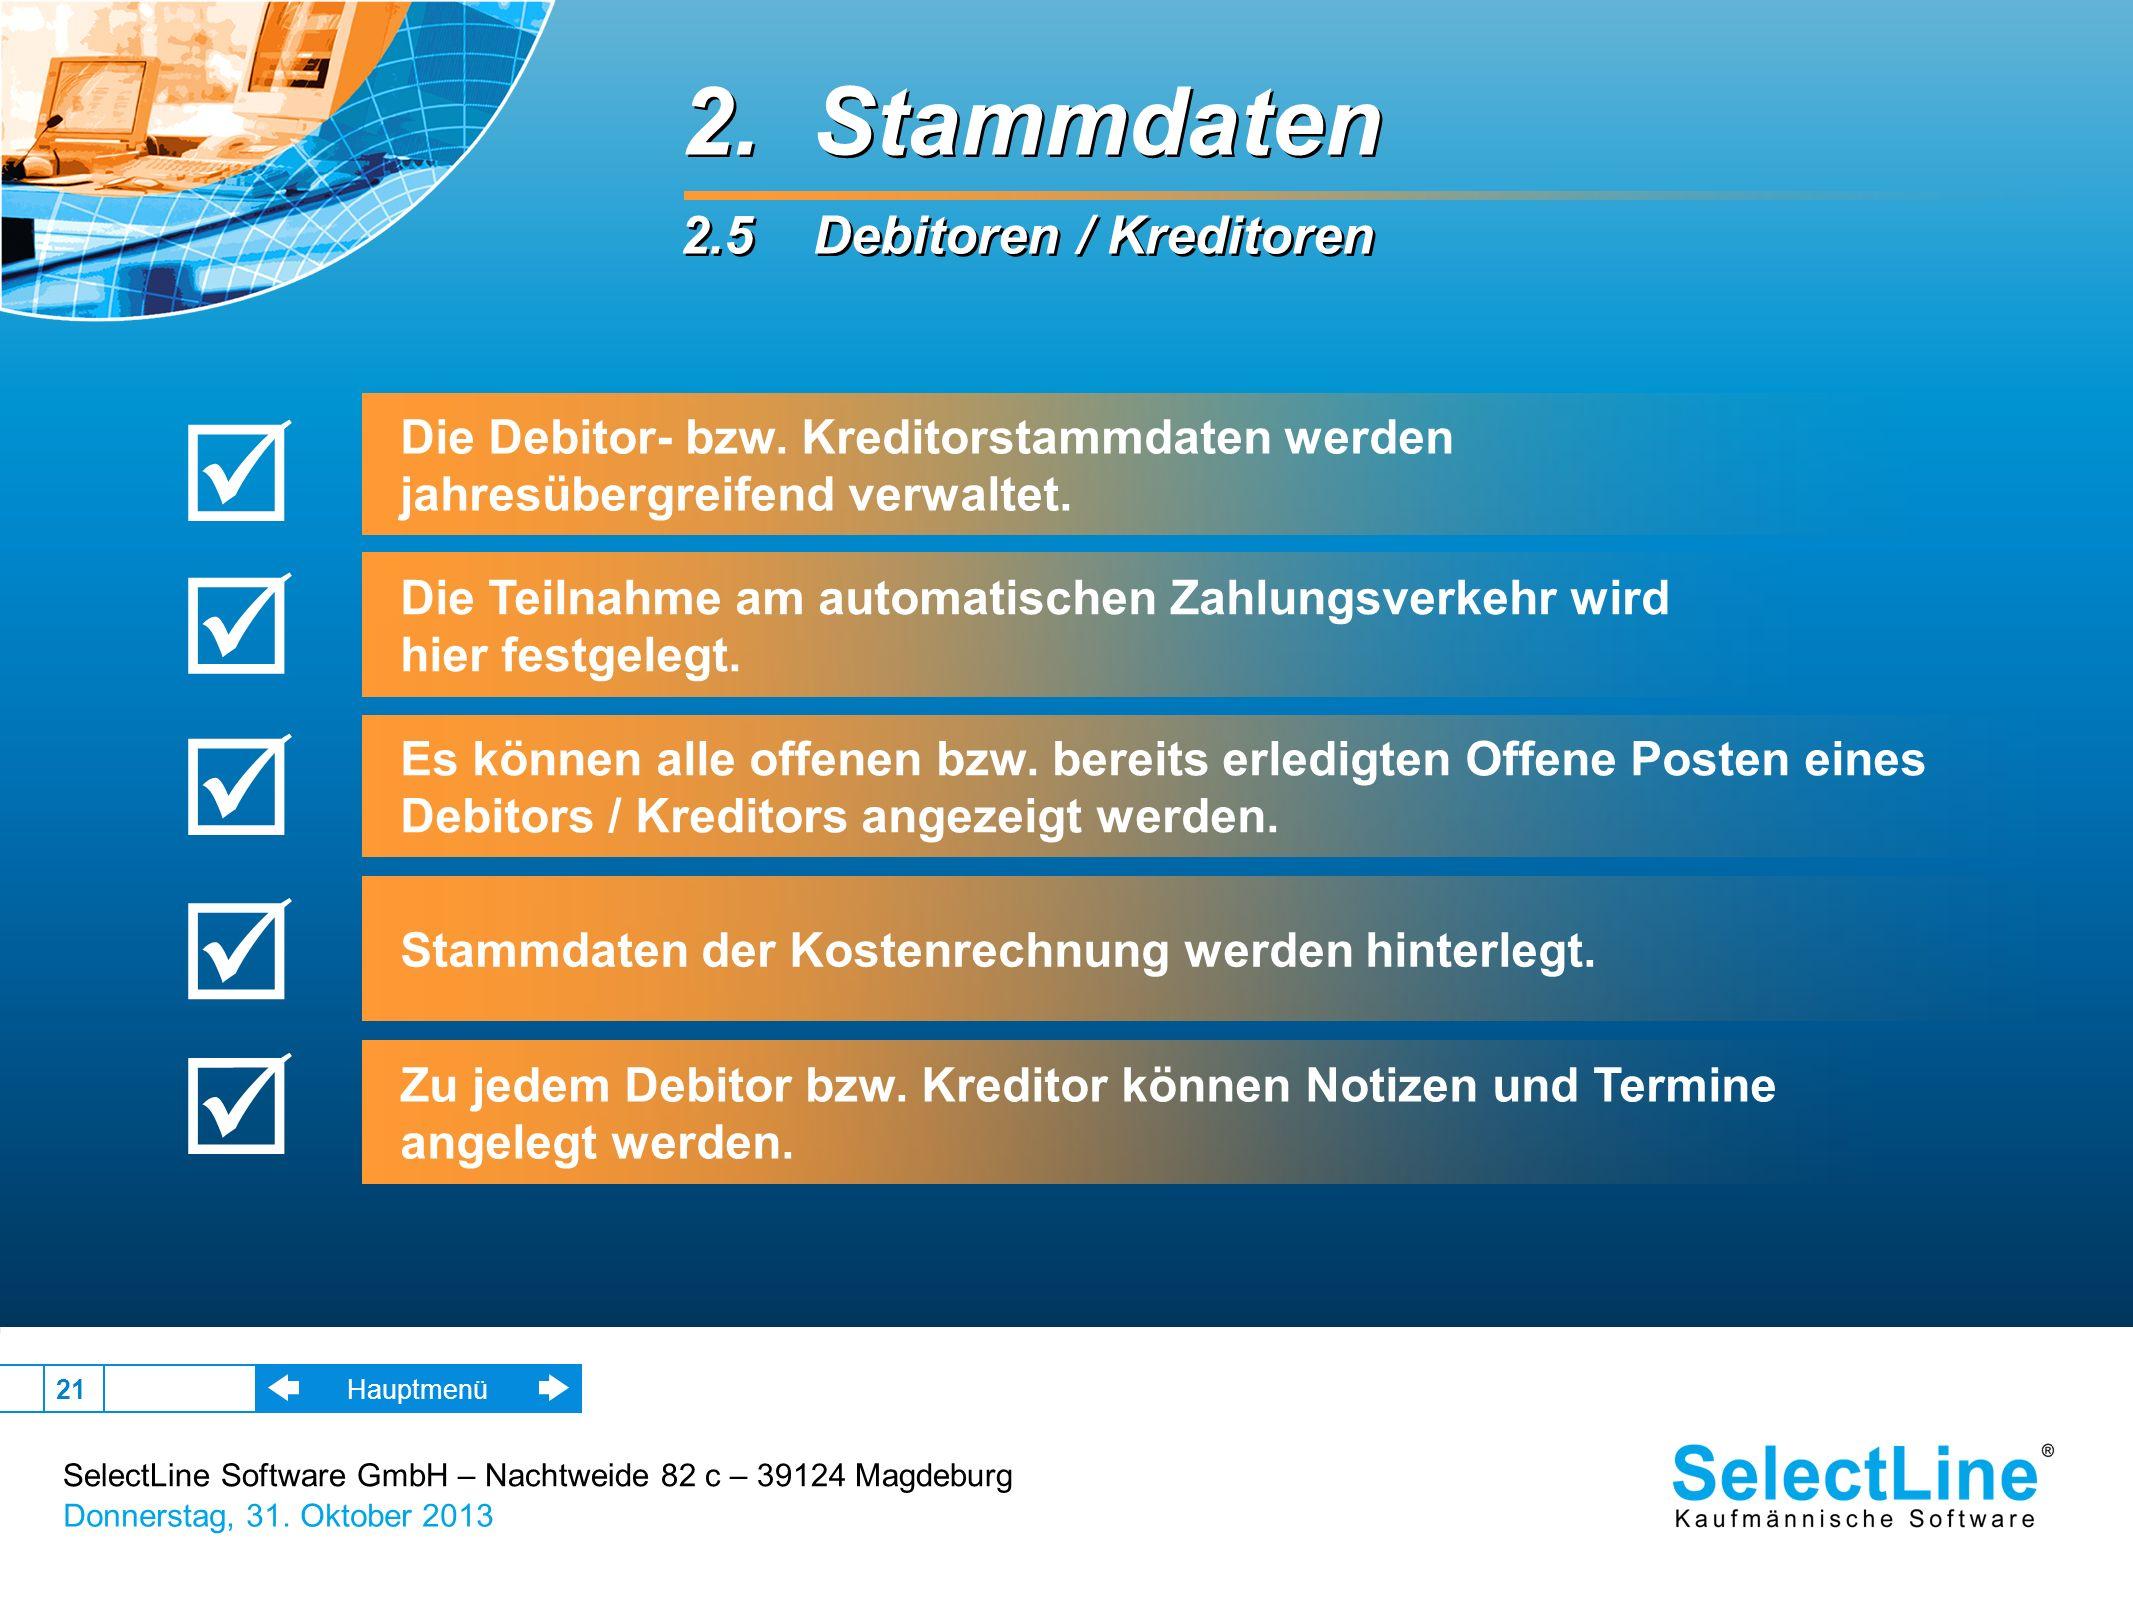 SelectLine Software GmbH – Nachtweide 82 c – 39124 Magdeburg Donnerstag, 31. Oktober 2013 21 2. Stammdaten 2.5 Debitoren / Kreditoren 2. Stammdaten 2.